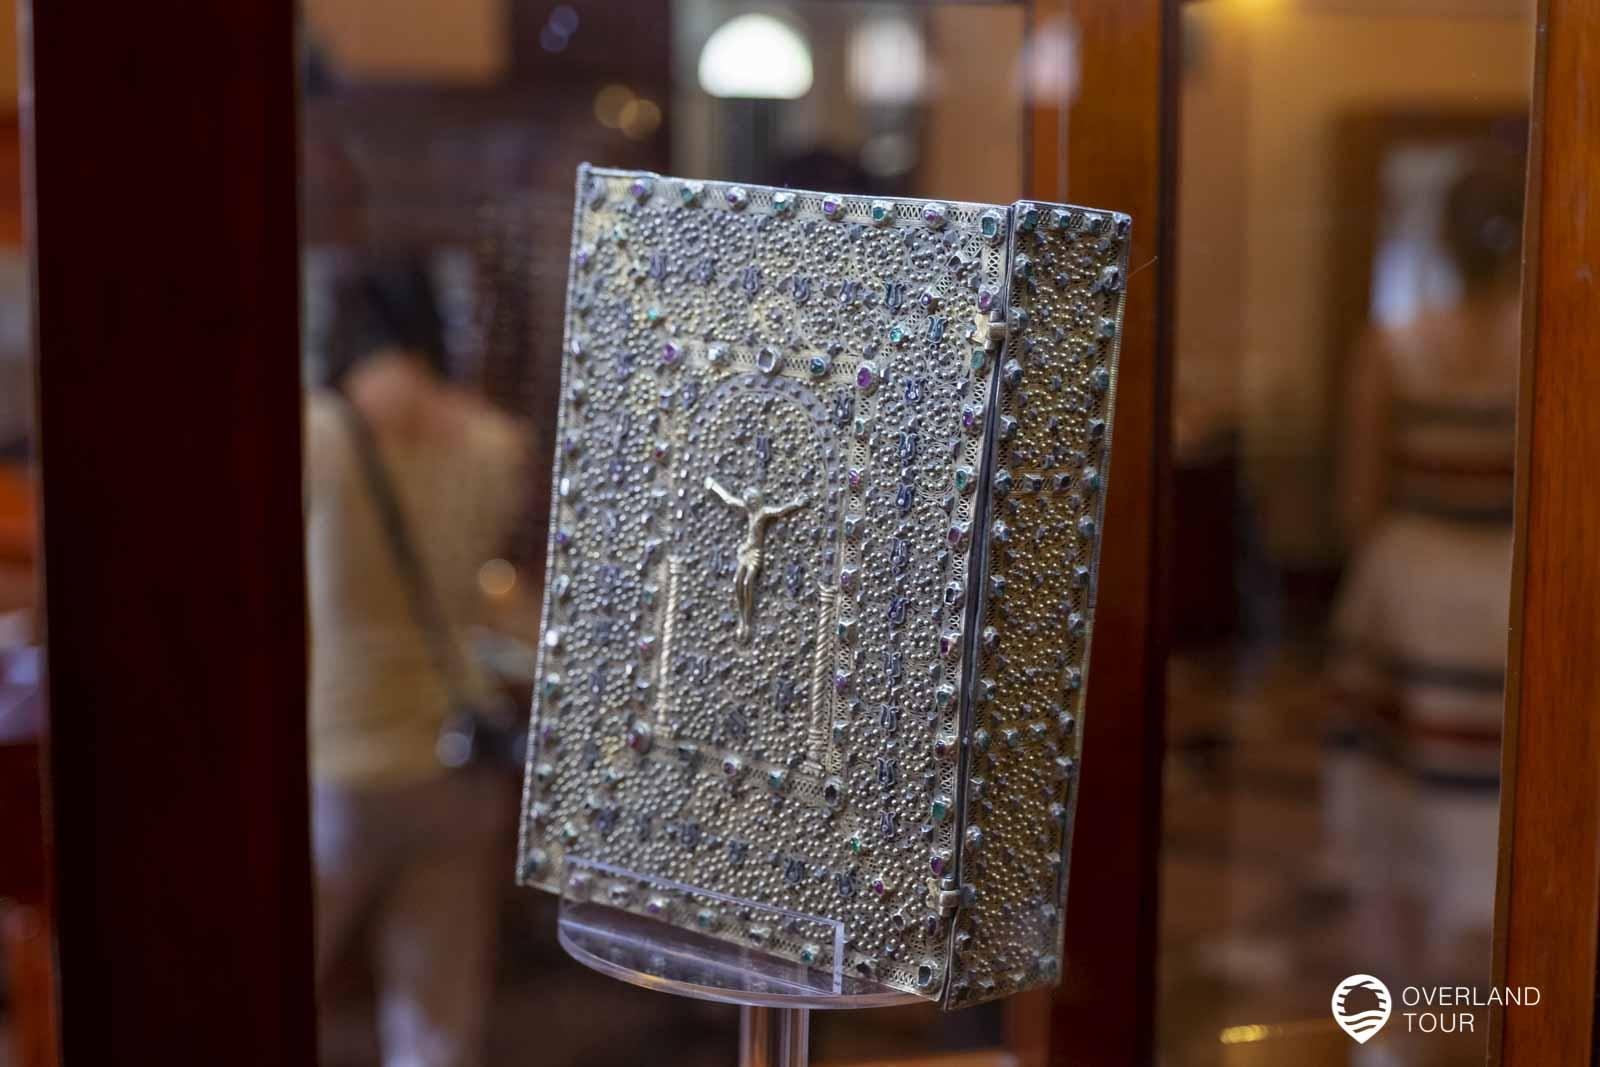 Das Matenadaran in Yerevan ist wohl in seiner Art einmalig auf der Welt und ein großer Schatz mit seiner Sammlung von Manuskripten und Schriften